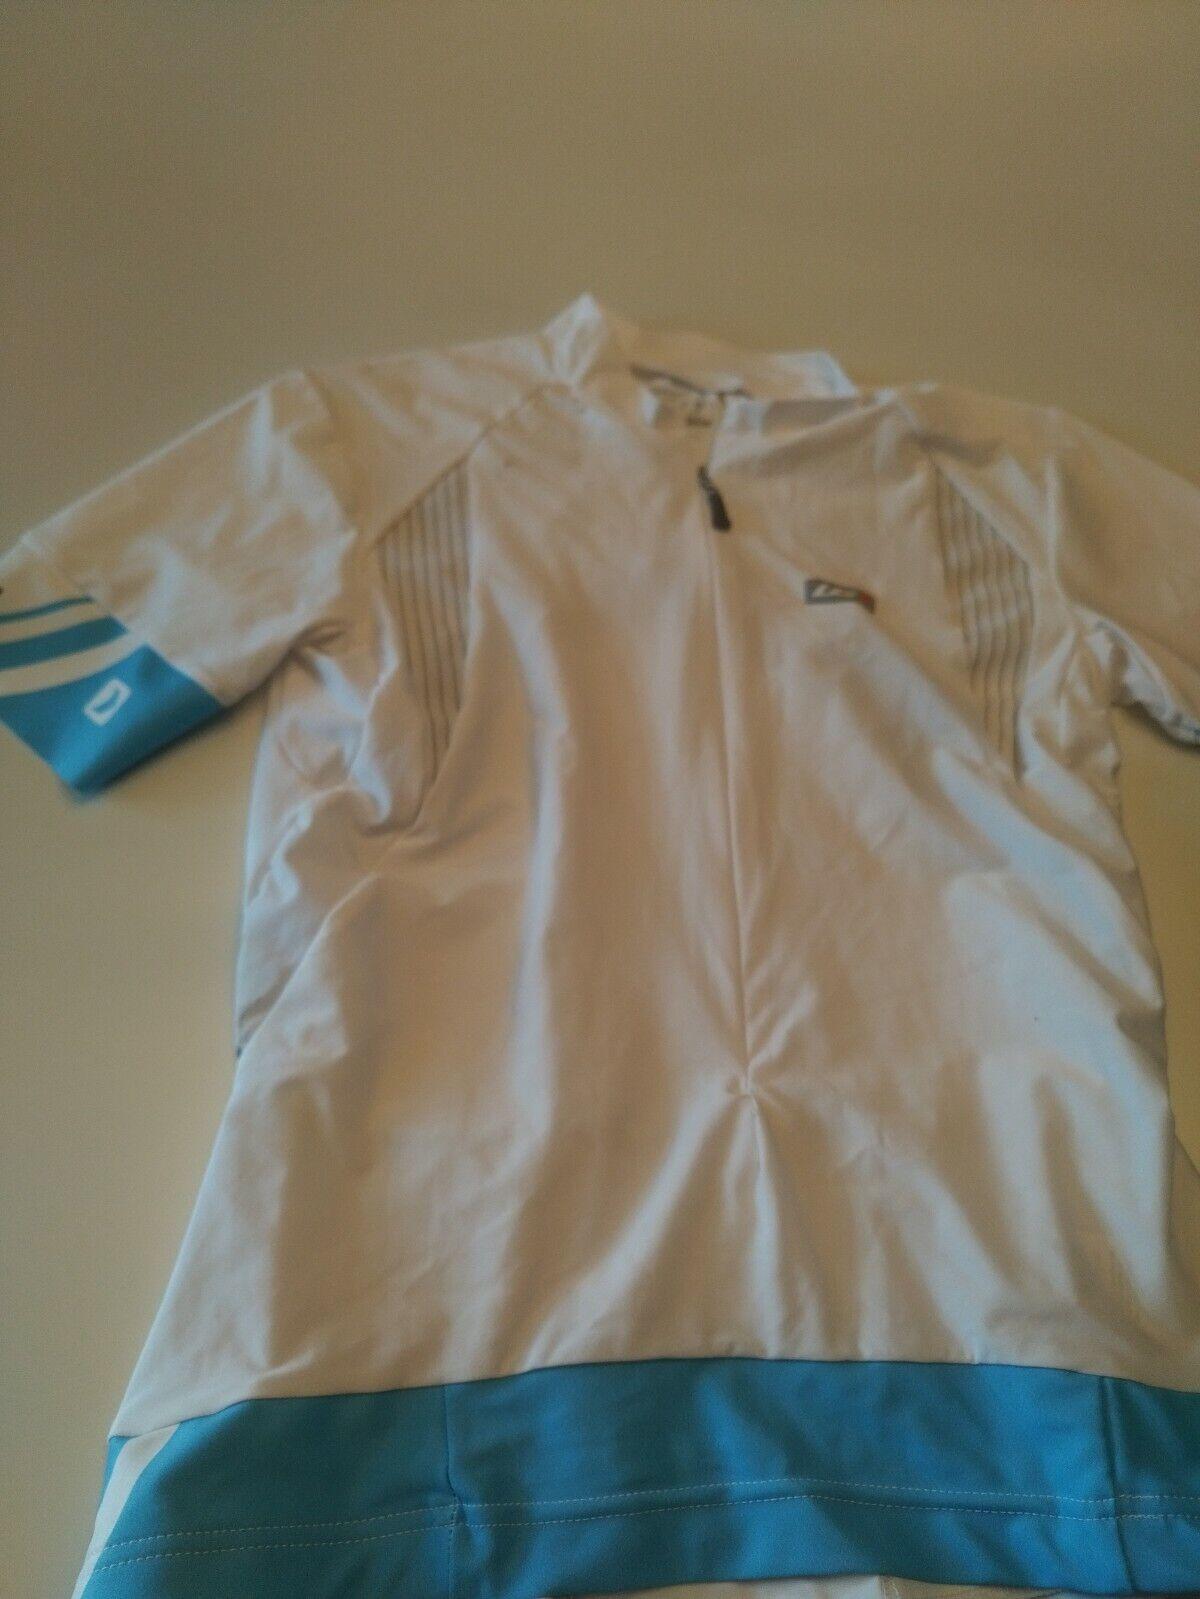 Louis Garneau Mondo LG Cycling Jersey Top Women's Large